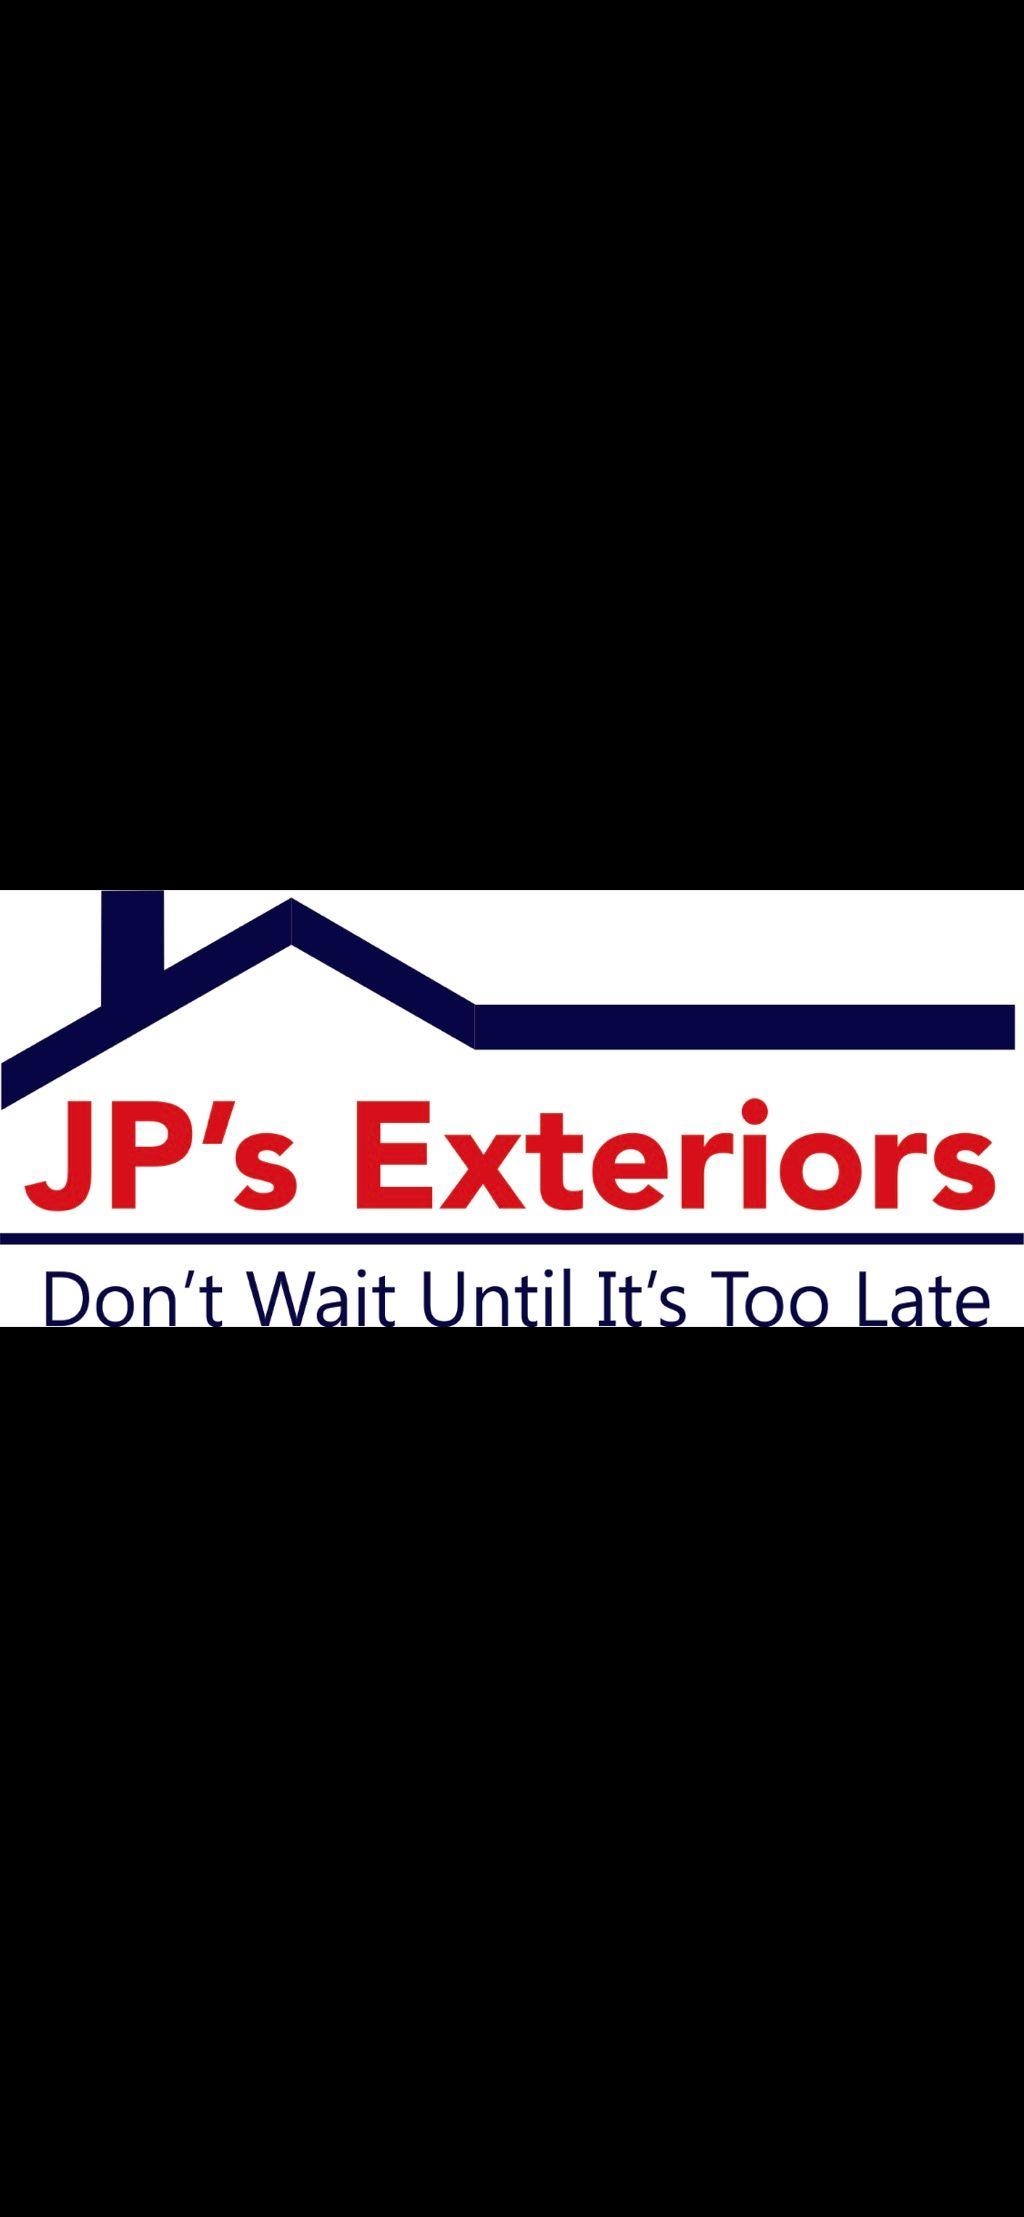 JP's Exteriors